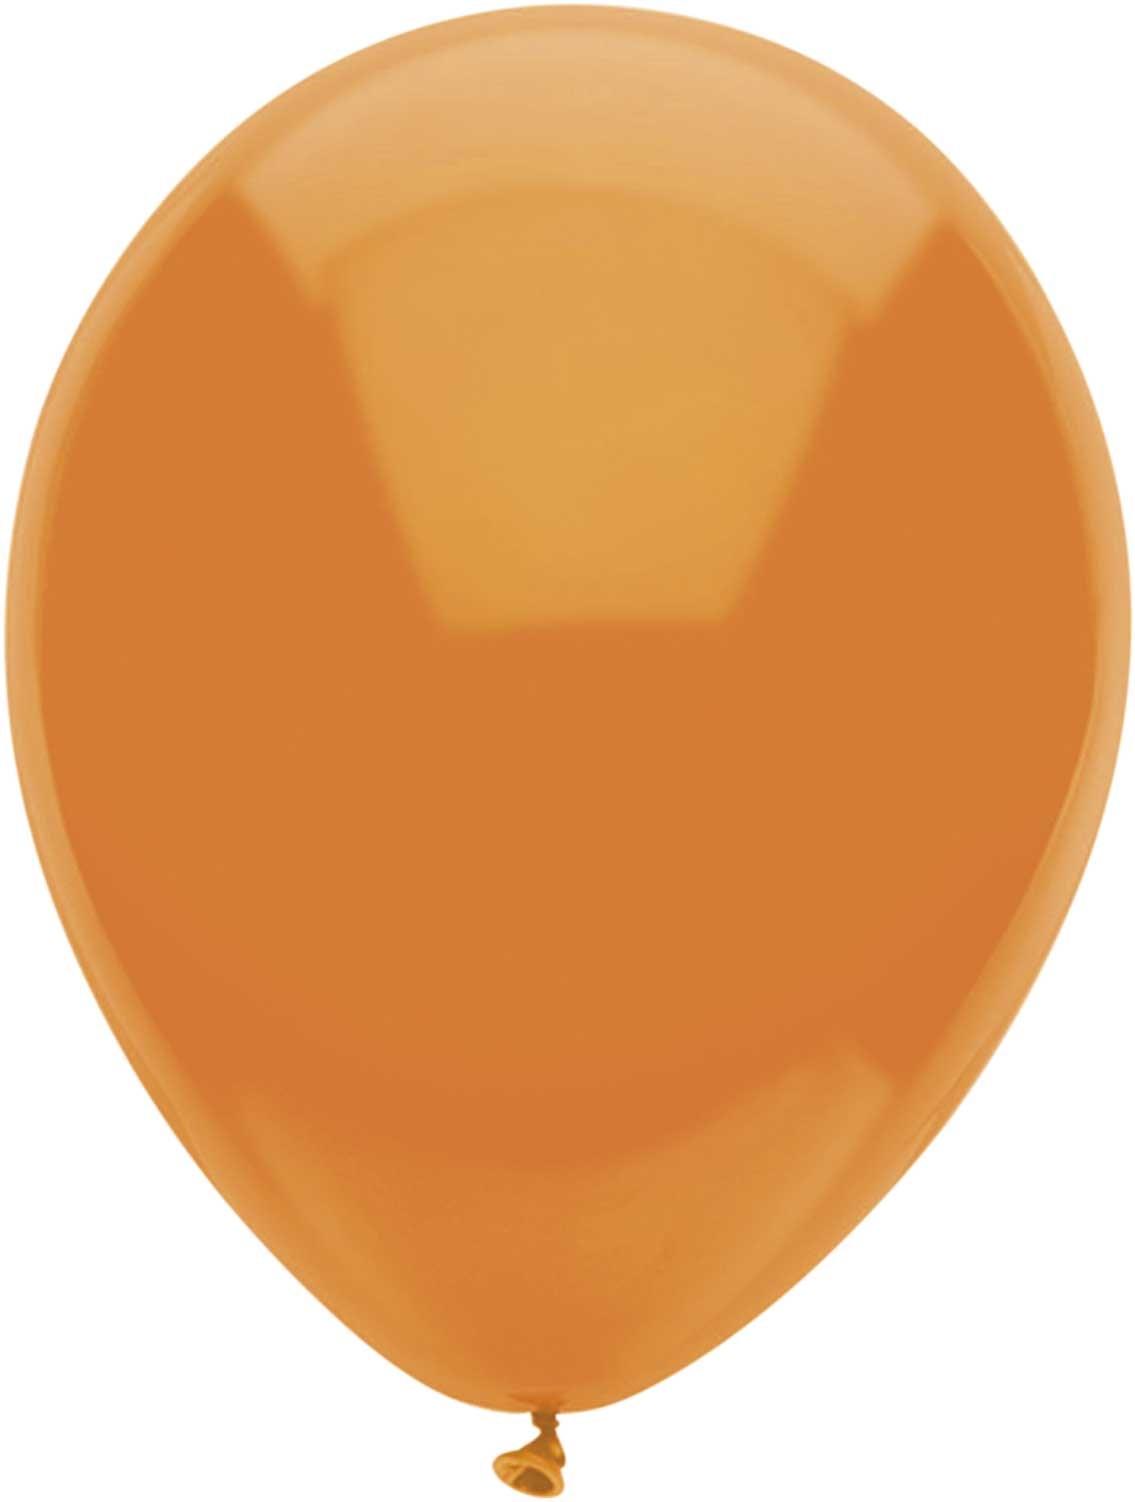 Ballonnen oranje 100 stuksØ30cm